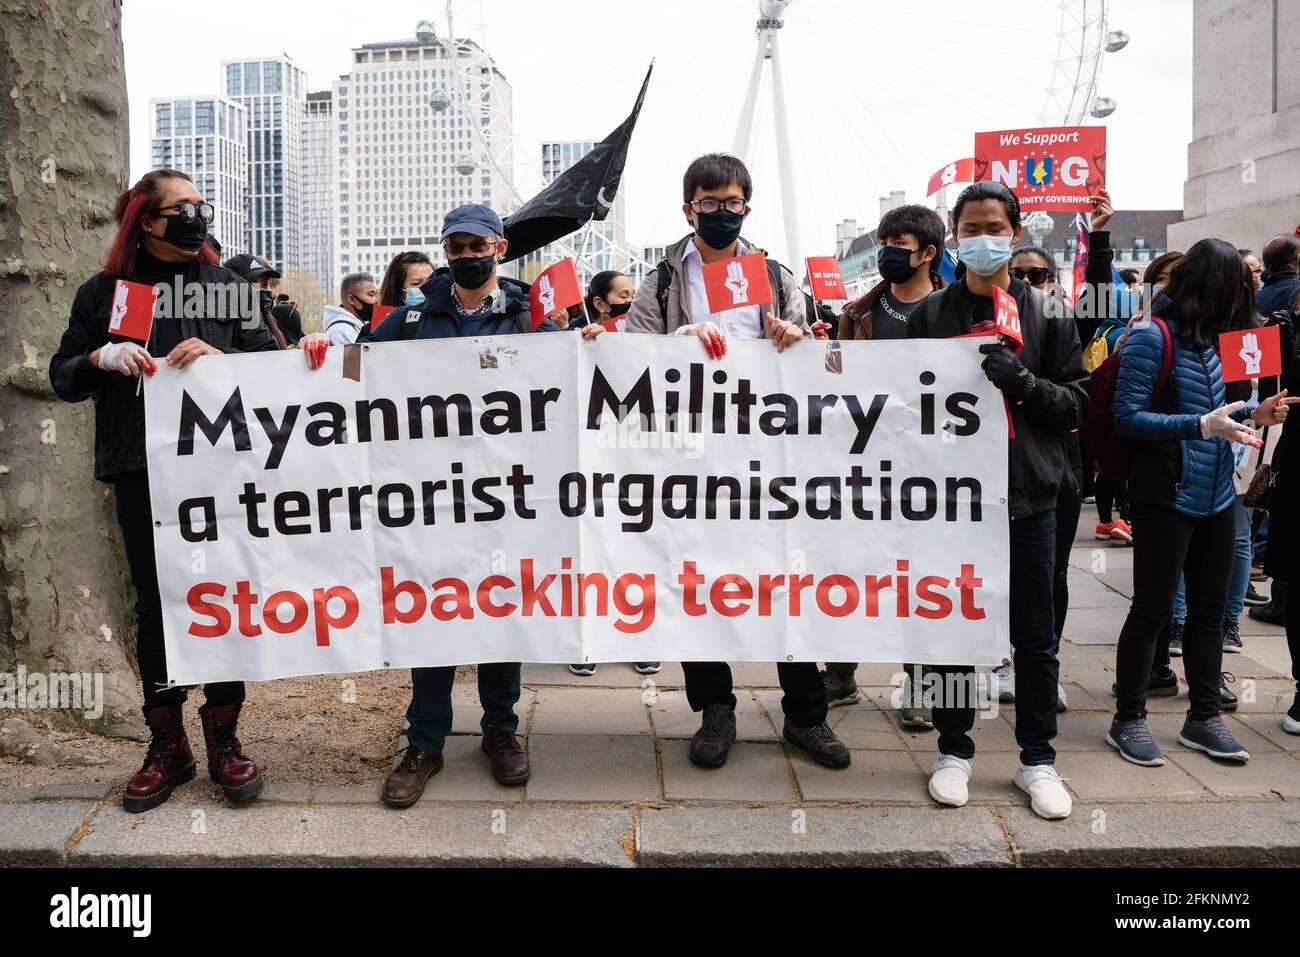 Londres, Royaume-Uni. 2 mai 2021. Global Myanmar protestation contre le gouvernement militaire du Myanmar et en faveur du gouvernement d'unité nationale Banque D'Images